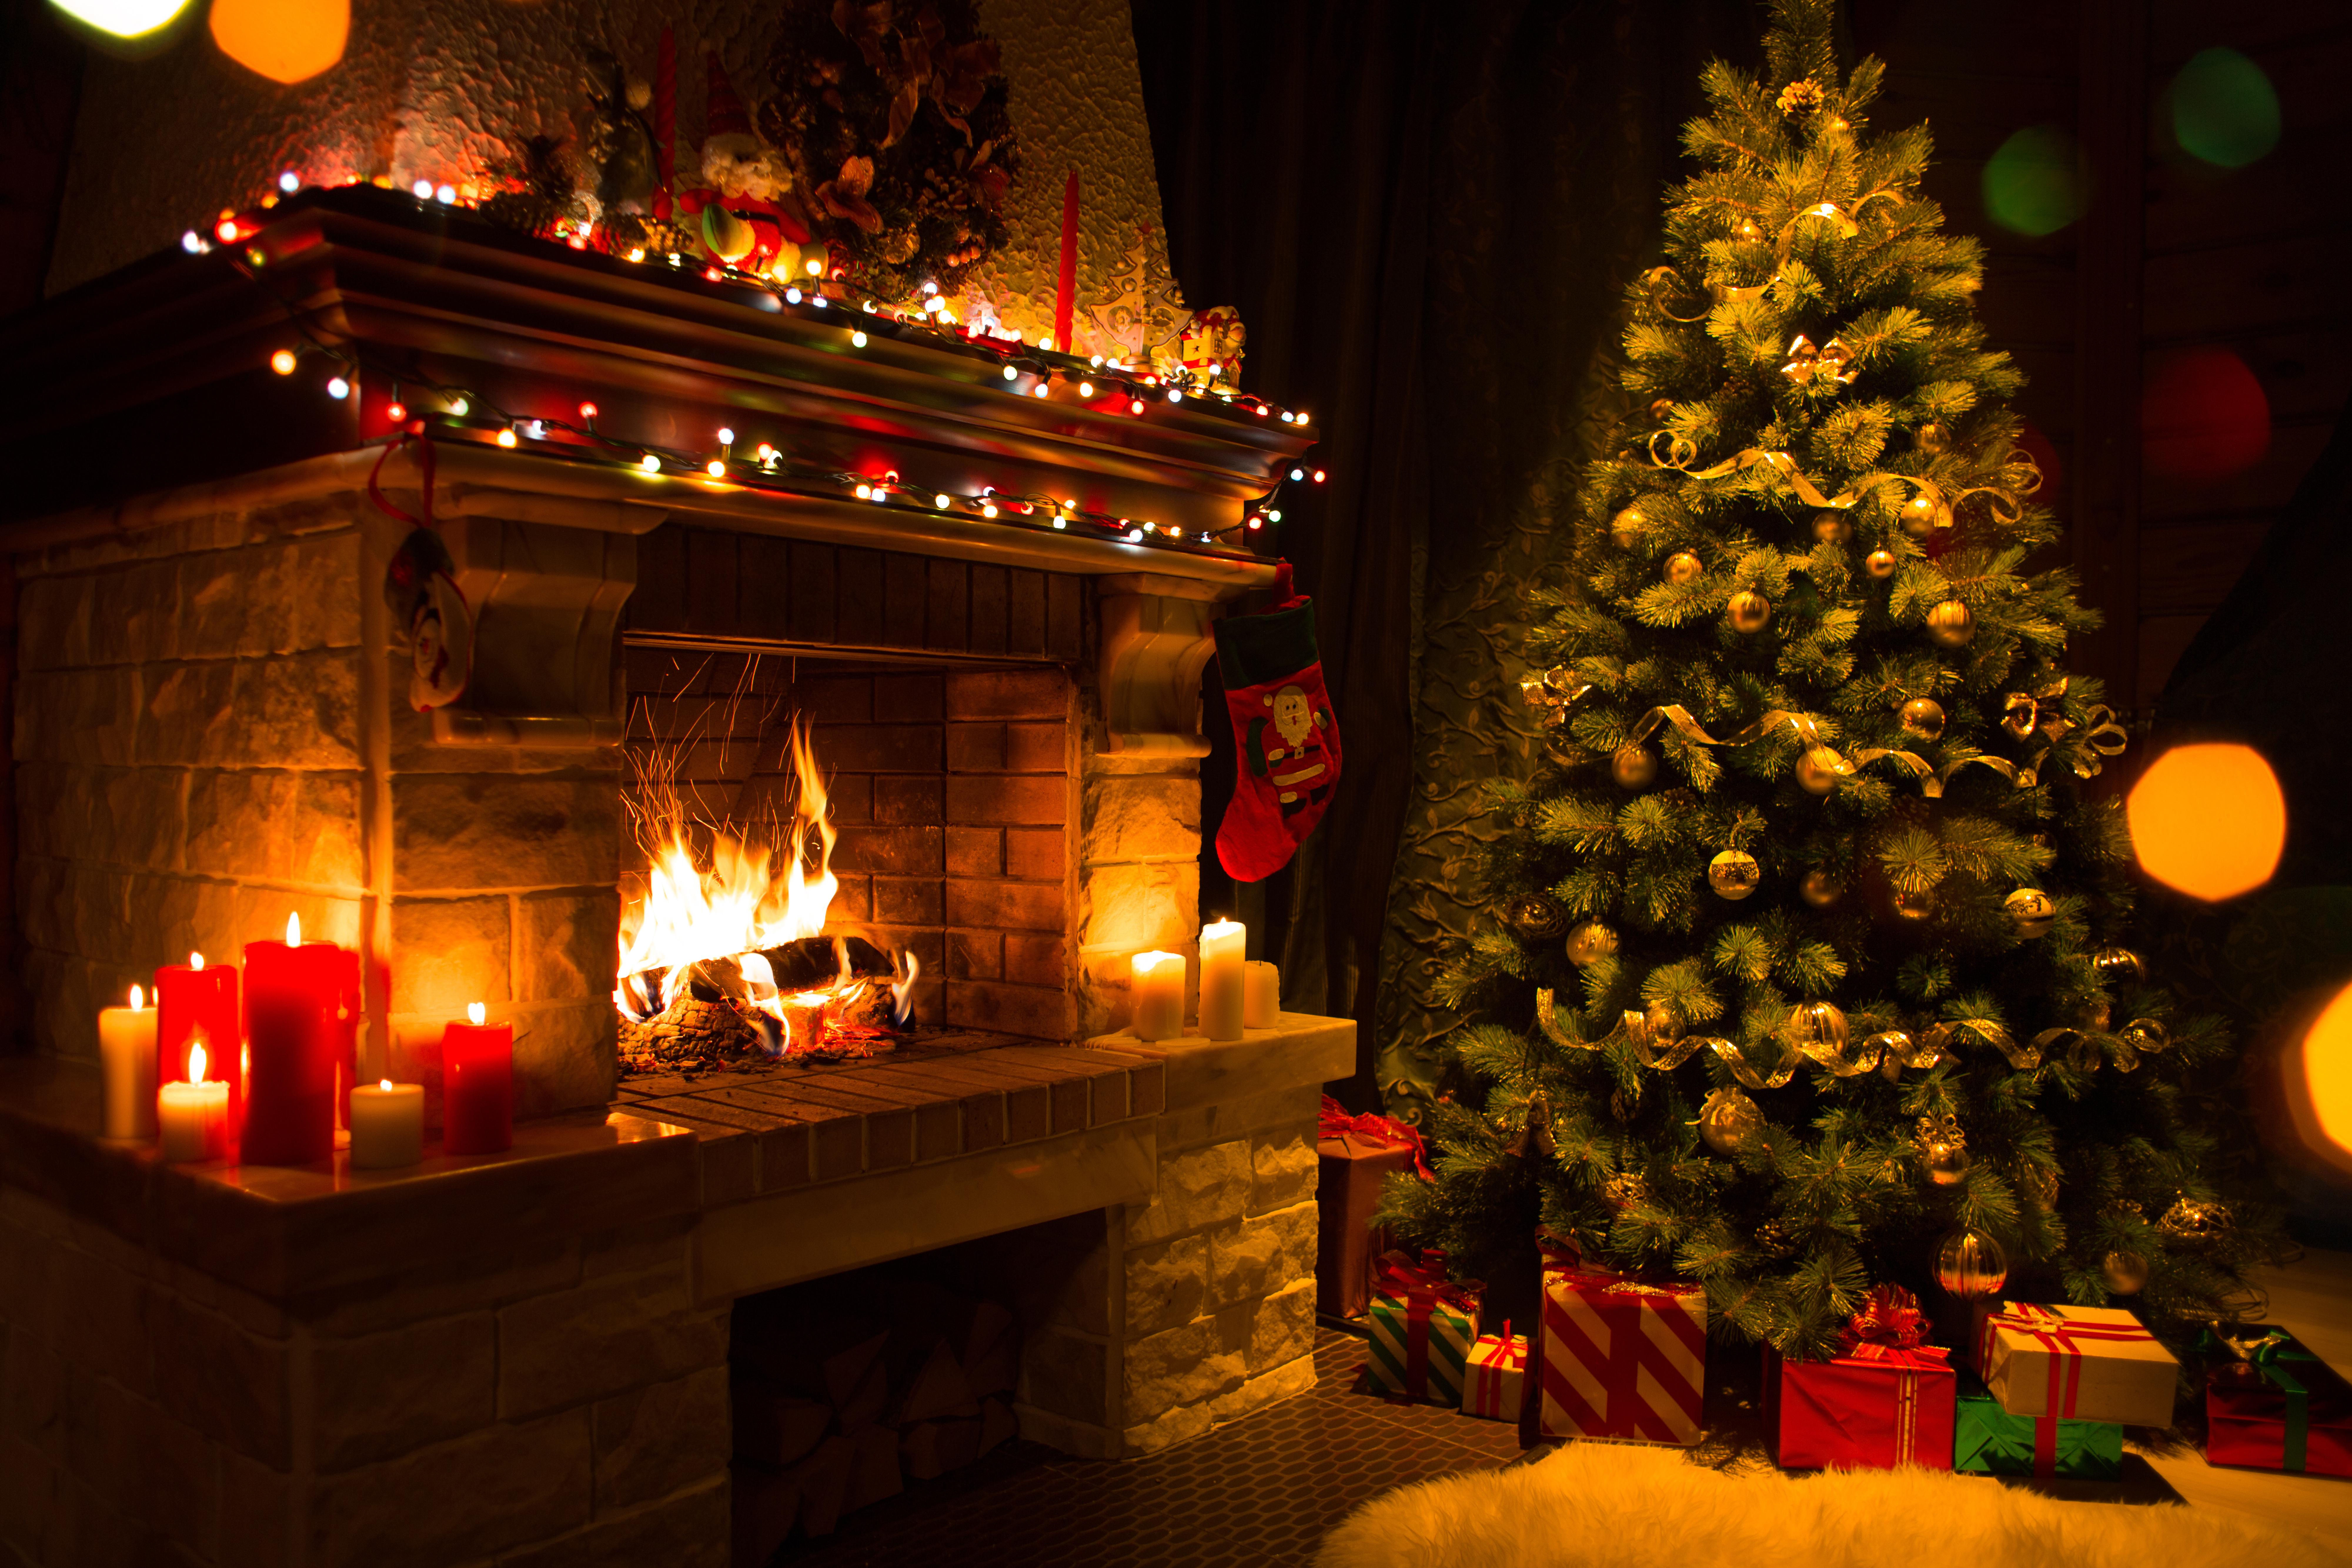 обои Новогодняя елка в интерьере, новый год, новогодняя ёлка, интерьер картинки фото